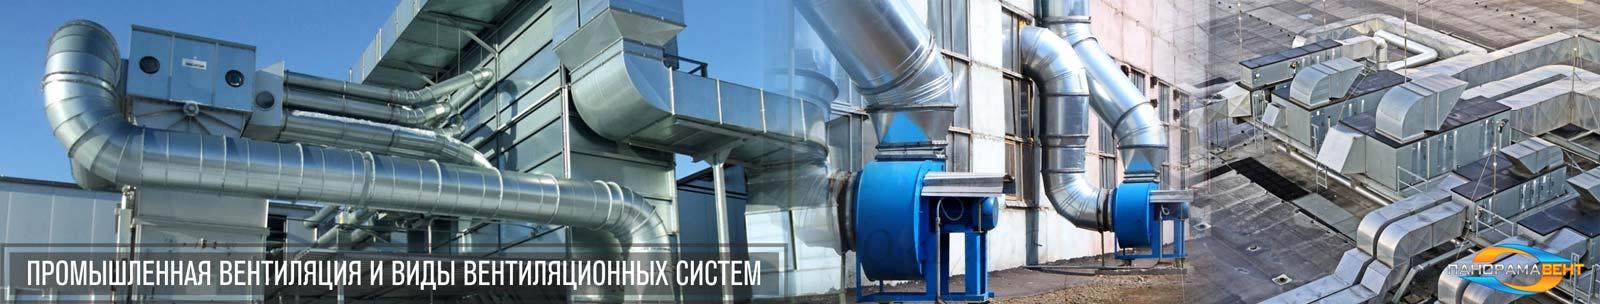 Промышленная вентиляция и виды вентиляционных систем